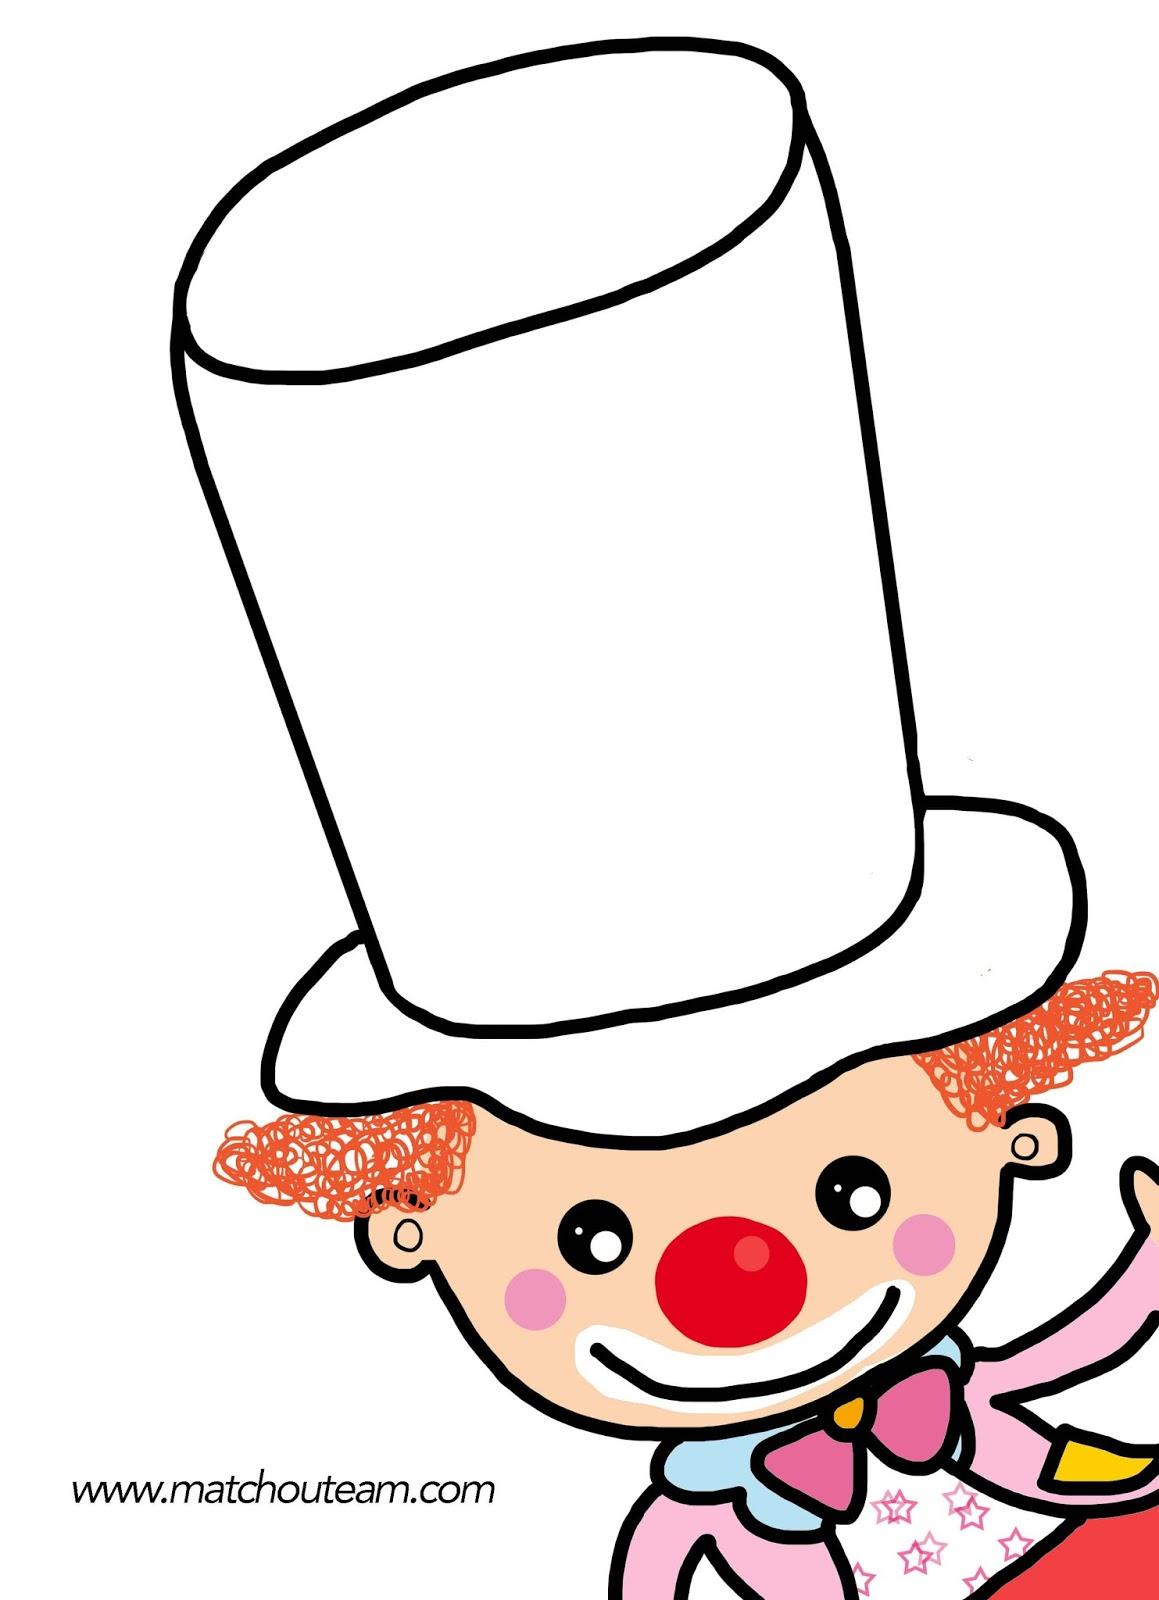 Coloriage imprimer carnaval liberate - Jeux de clown tueur gratuit ...